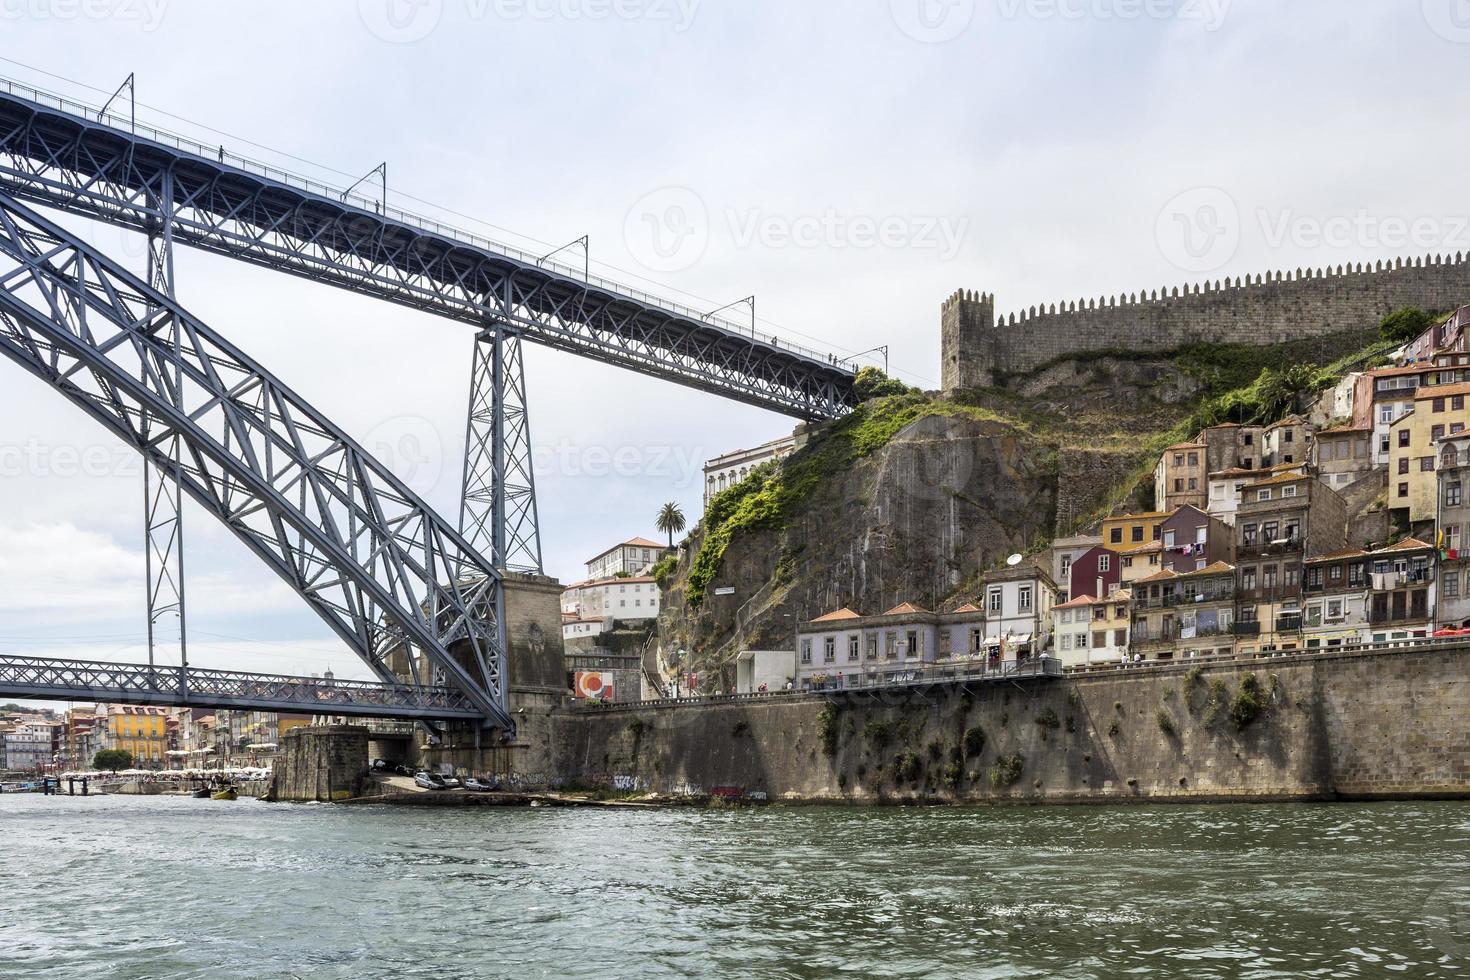 vista del centro antiguo y el puente dom luiz, porto paisaje urbano foto